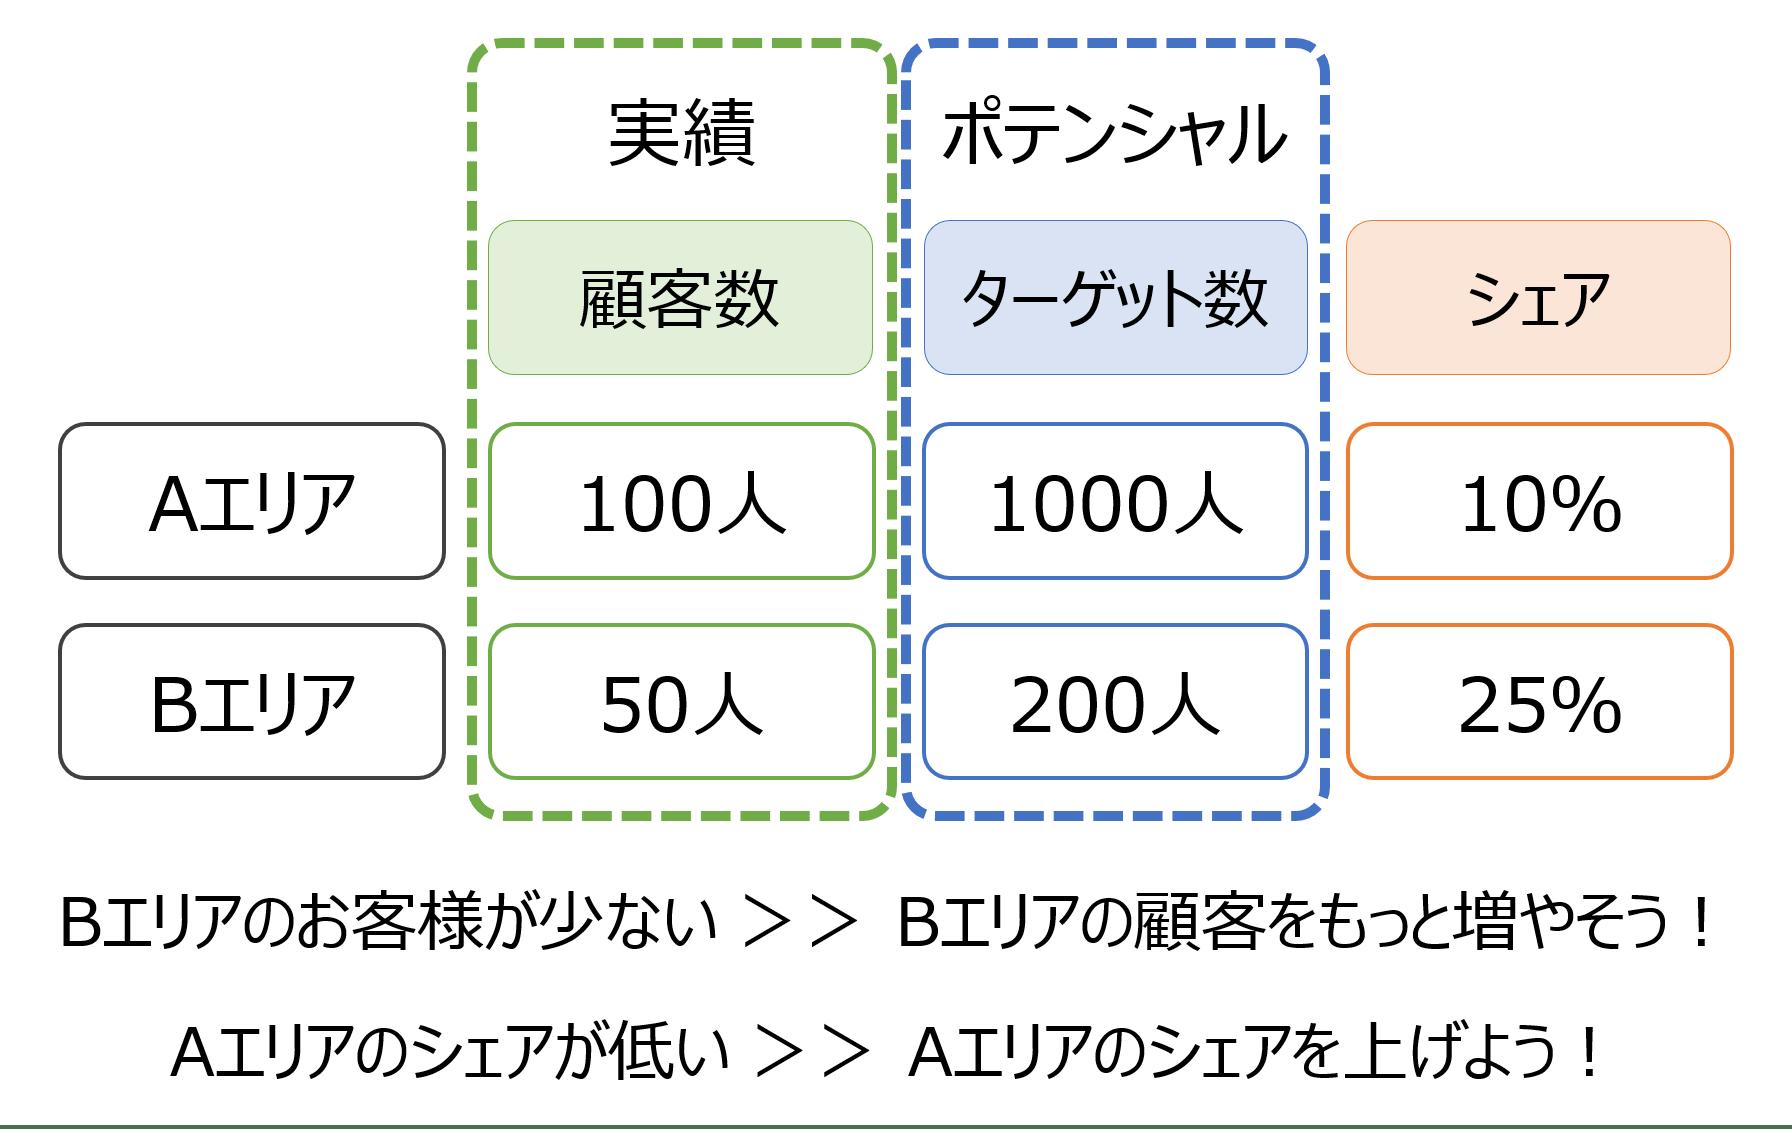 シェア率の算出